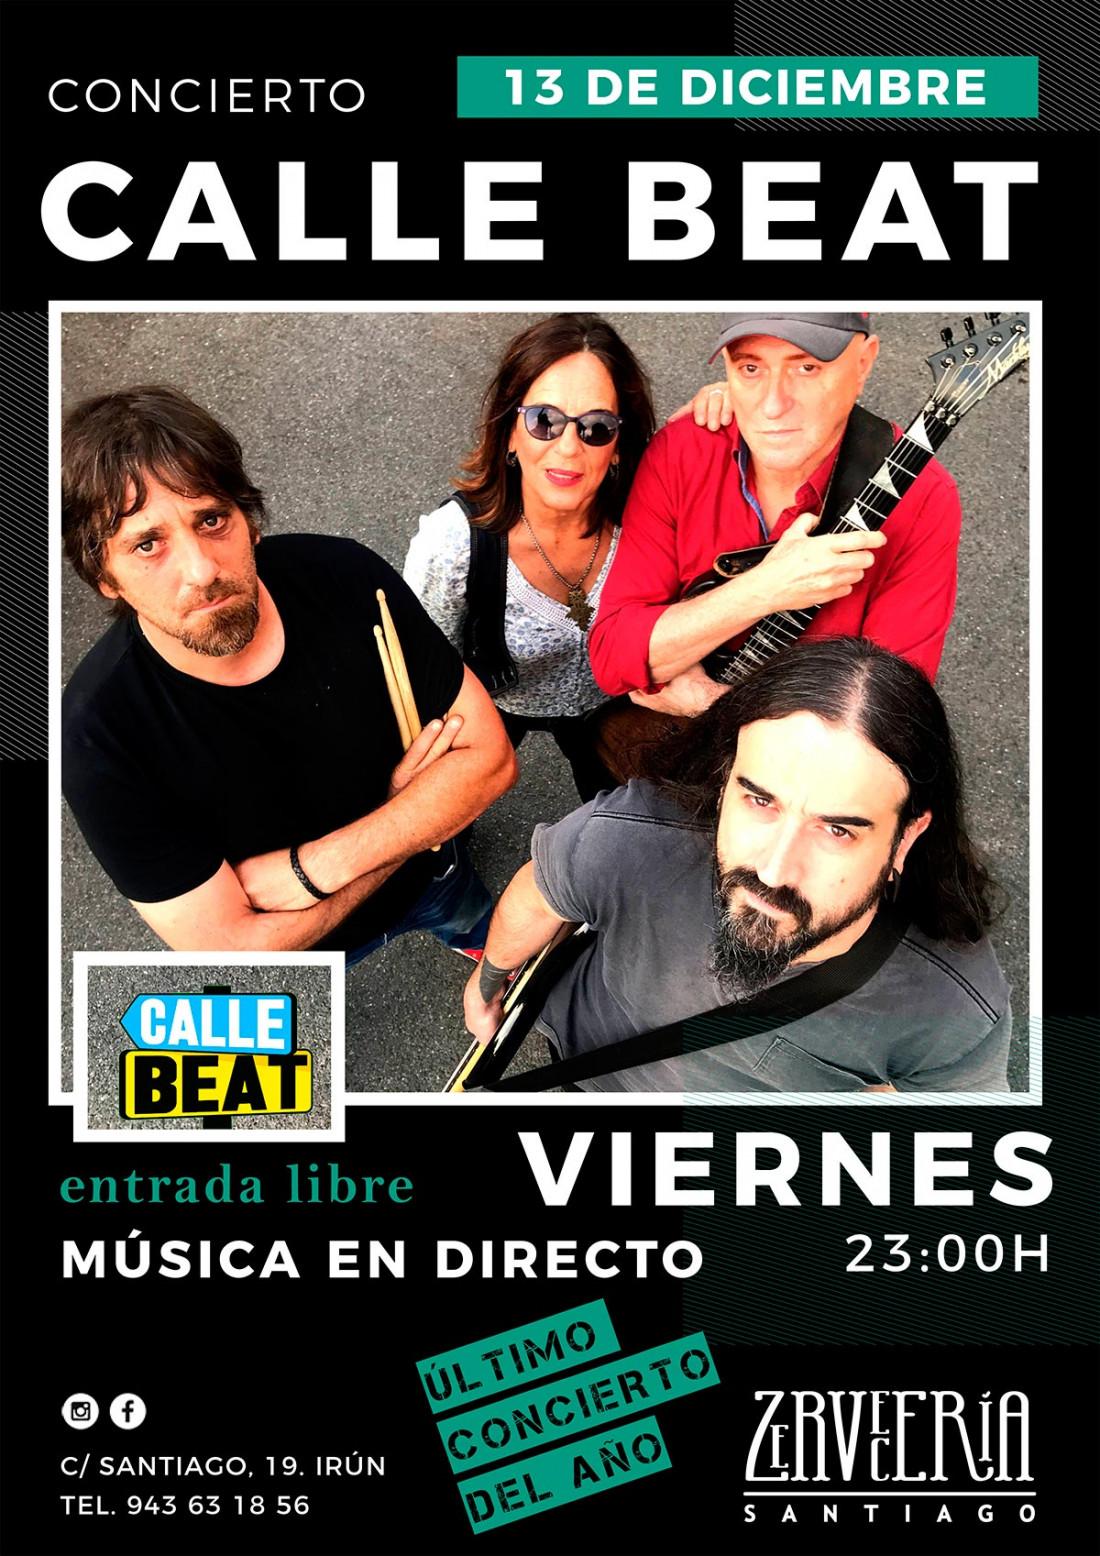 Calle beat en Zervecerria Santiago